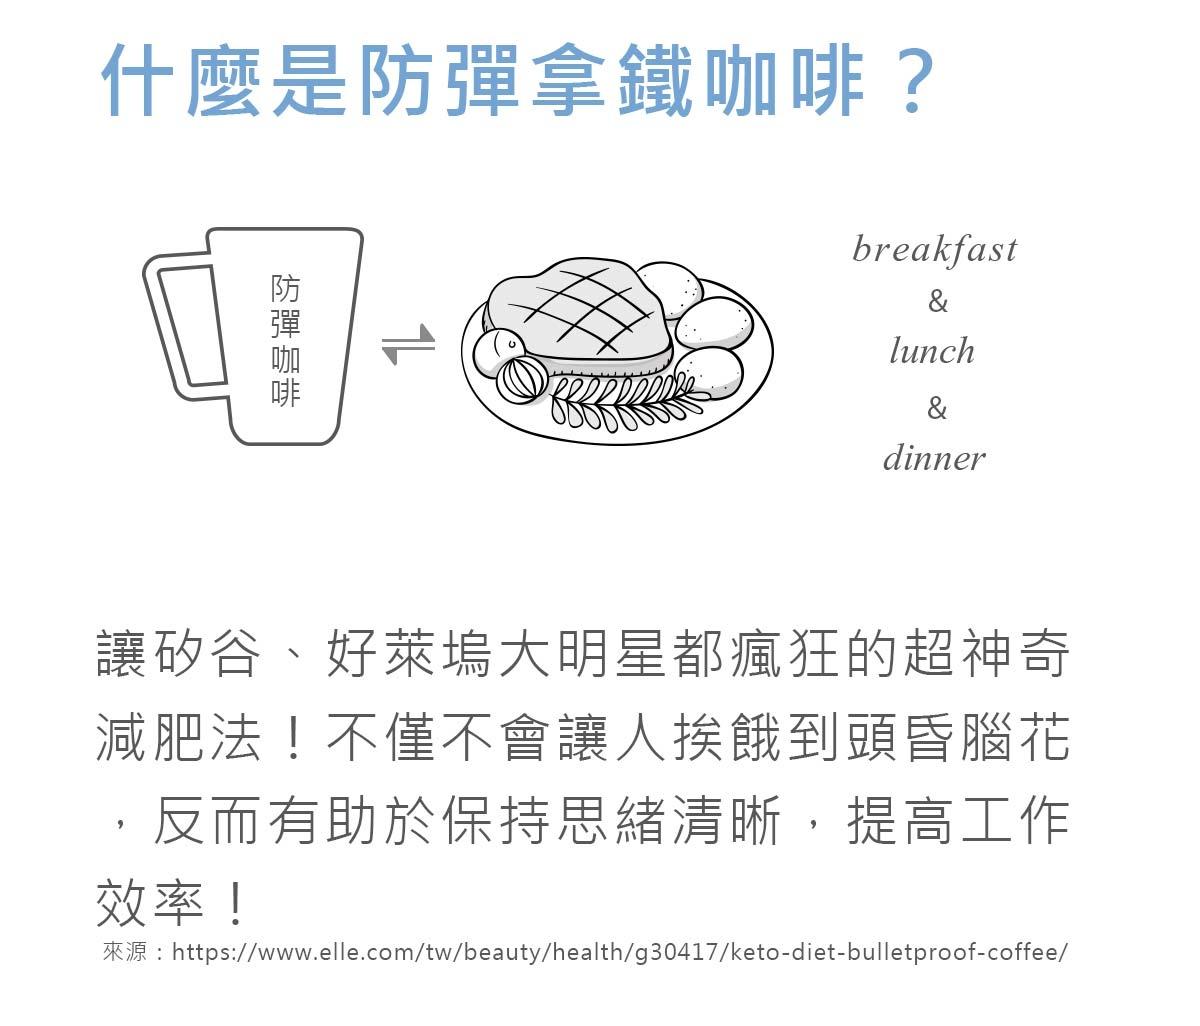 什麼是防彈拿鐵咖啡-不僅不會讓人挨餓到頭昏眼花-反而有助於保持思緒清楚-簡單入喉膠原蛋白防彈拿鐵咖啡